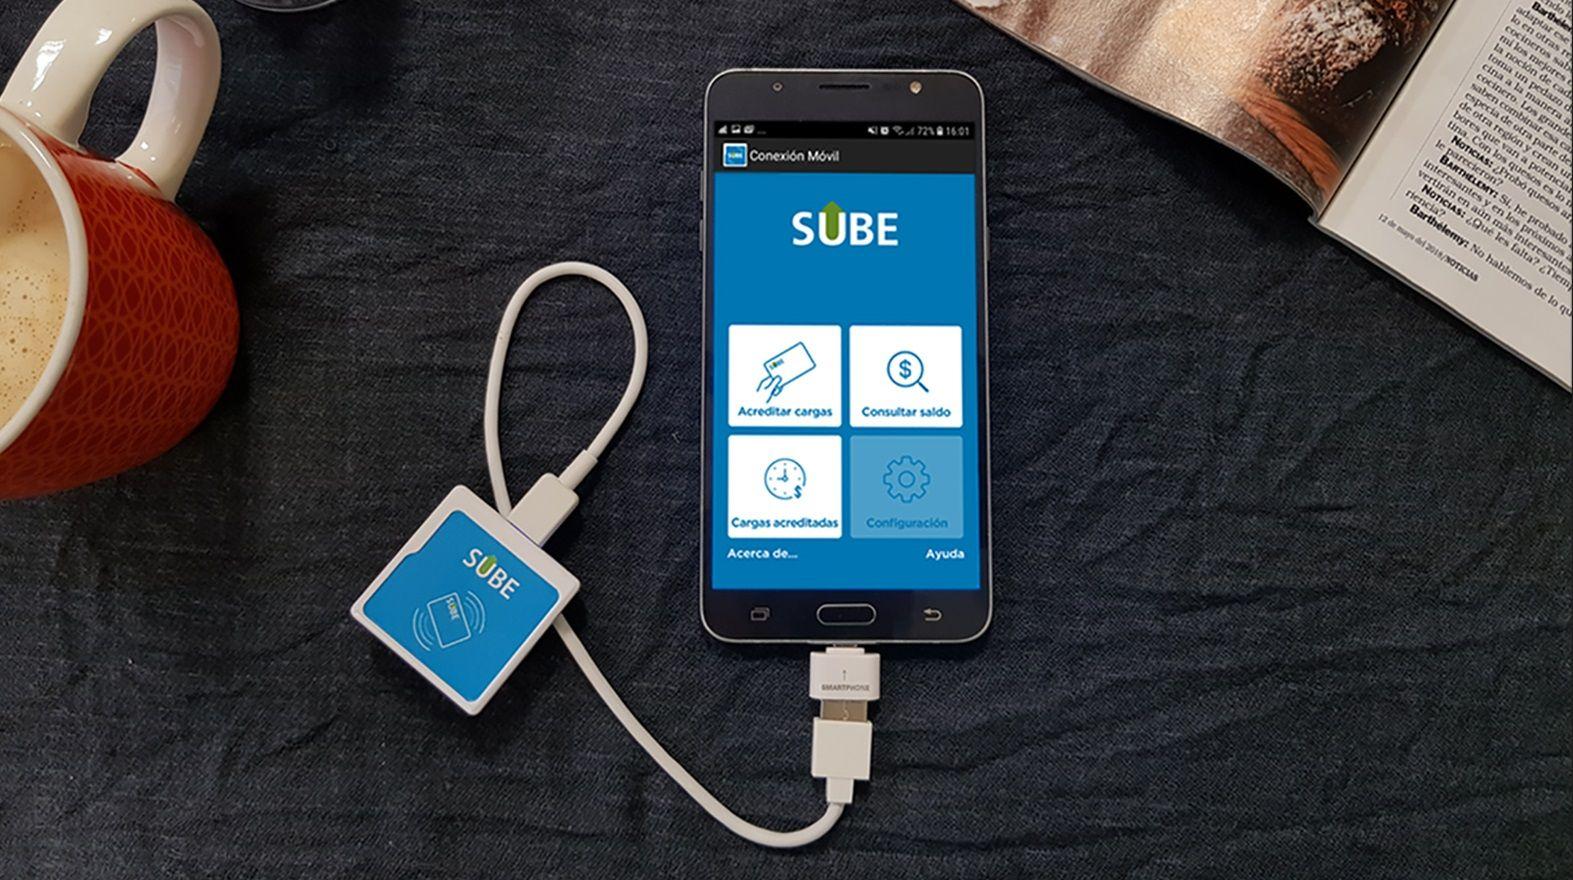 Cómo es el nuevo dispositivo para cargar la SUBE sin salir de tu casa